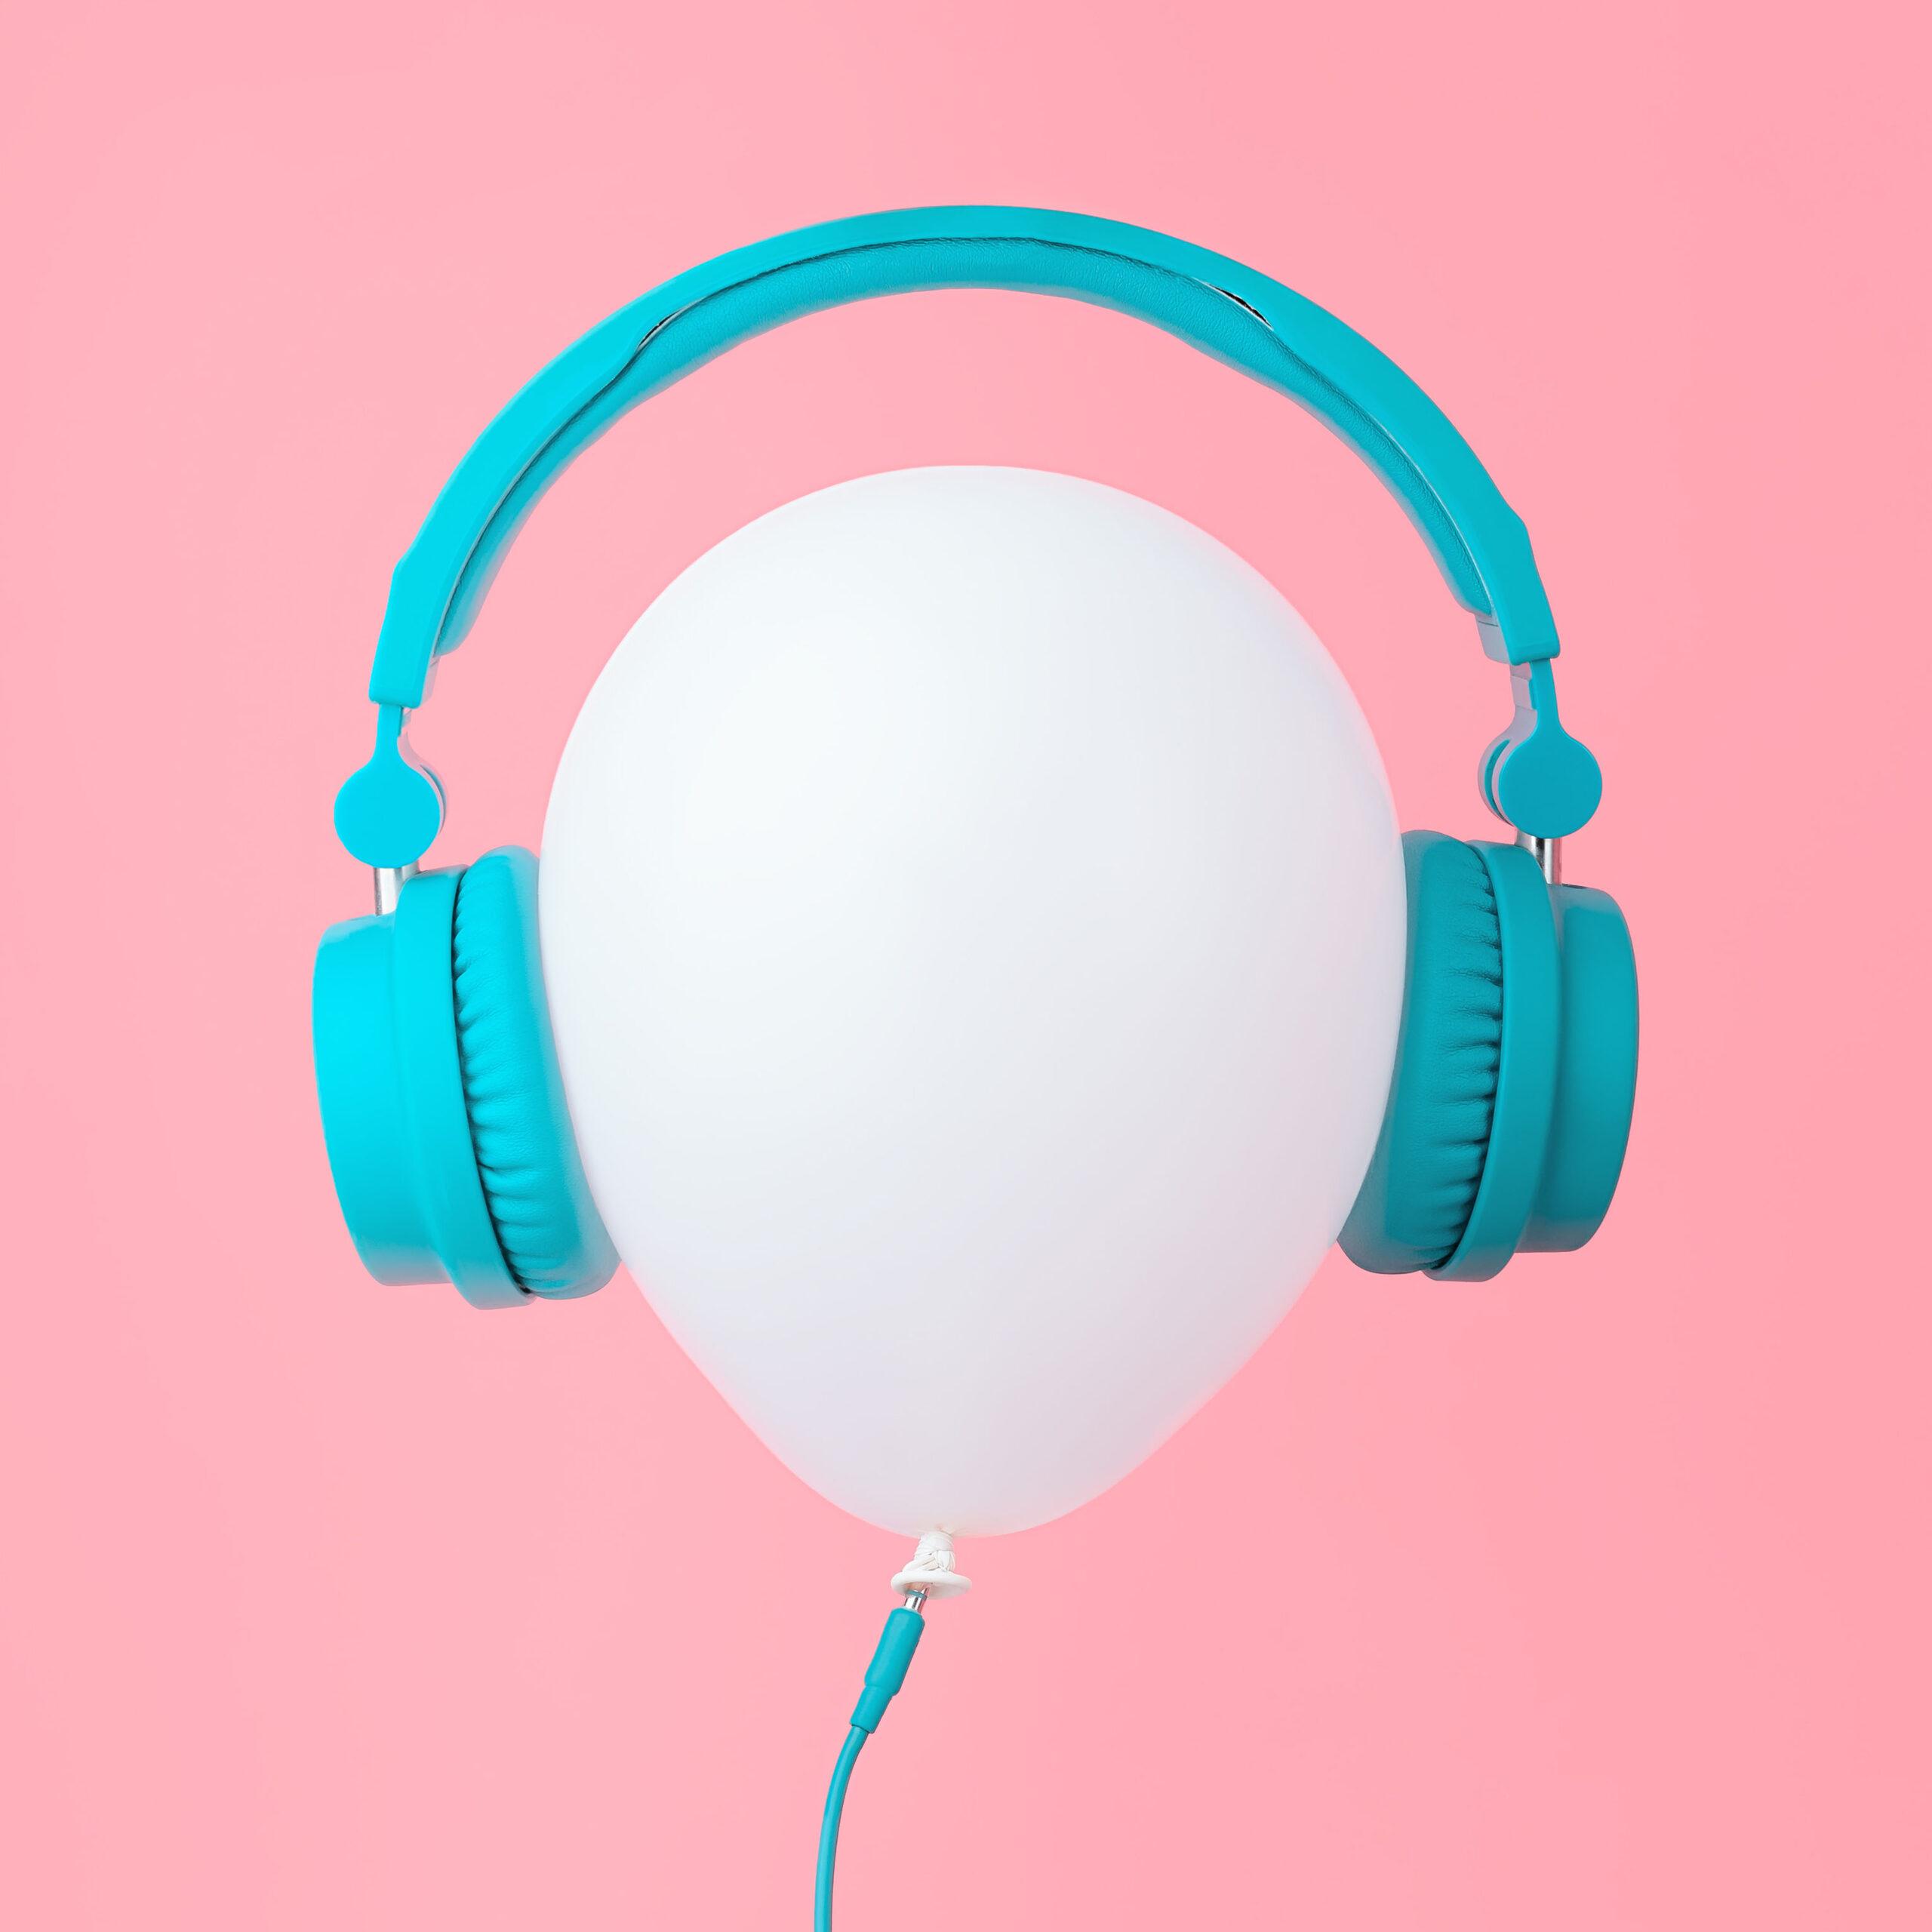 somos-cascos-auriculares-globo-la central badiola